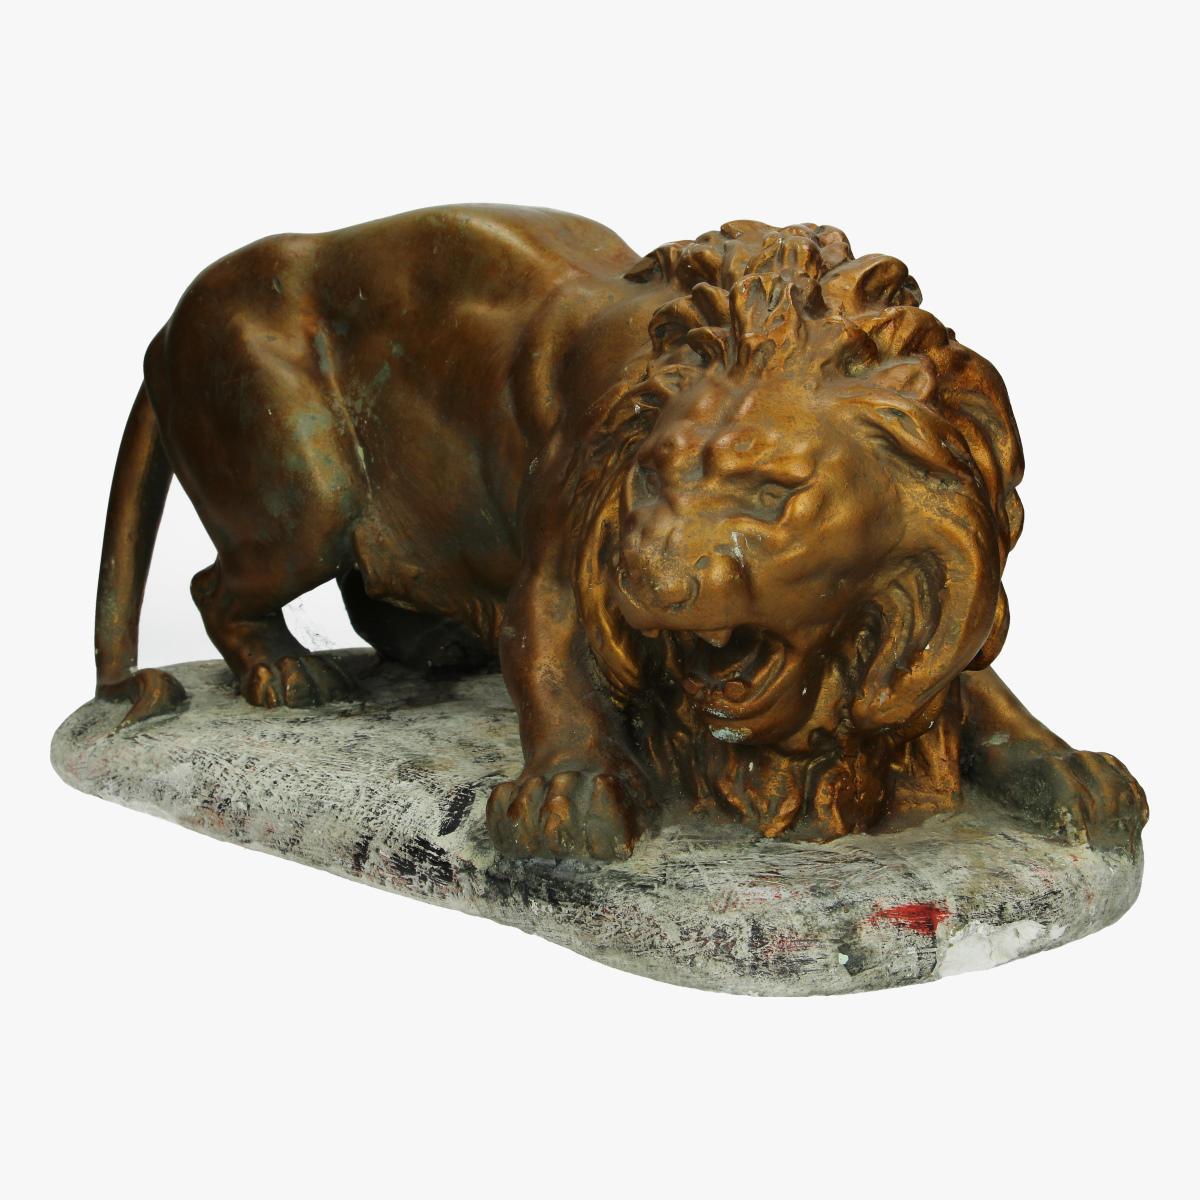 Afbeeldingen van leeuw op rots mat gips